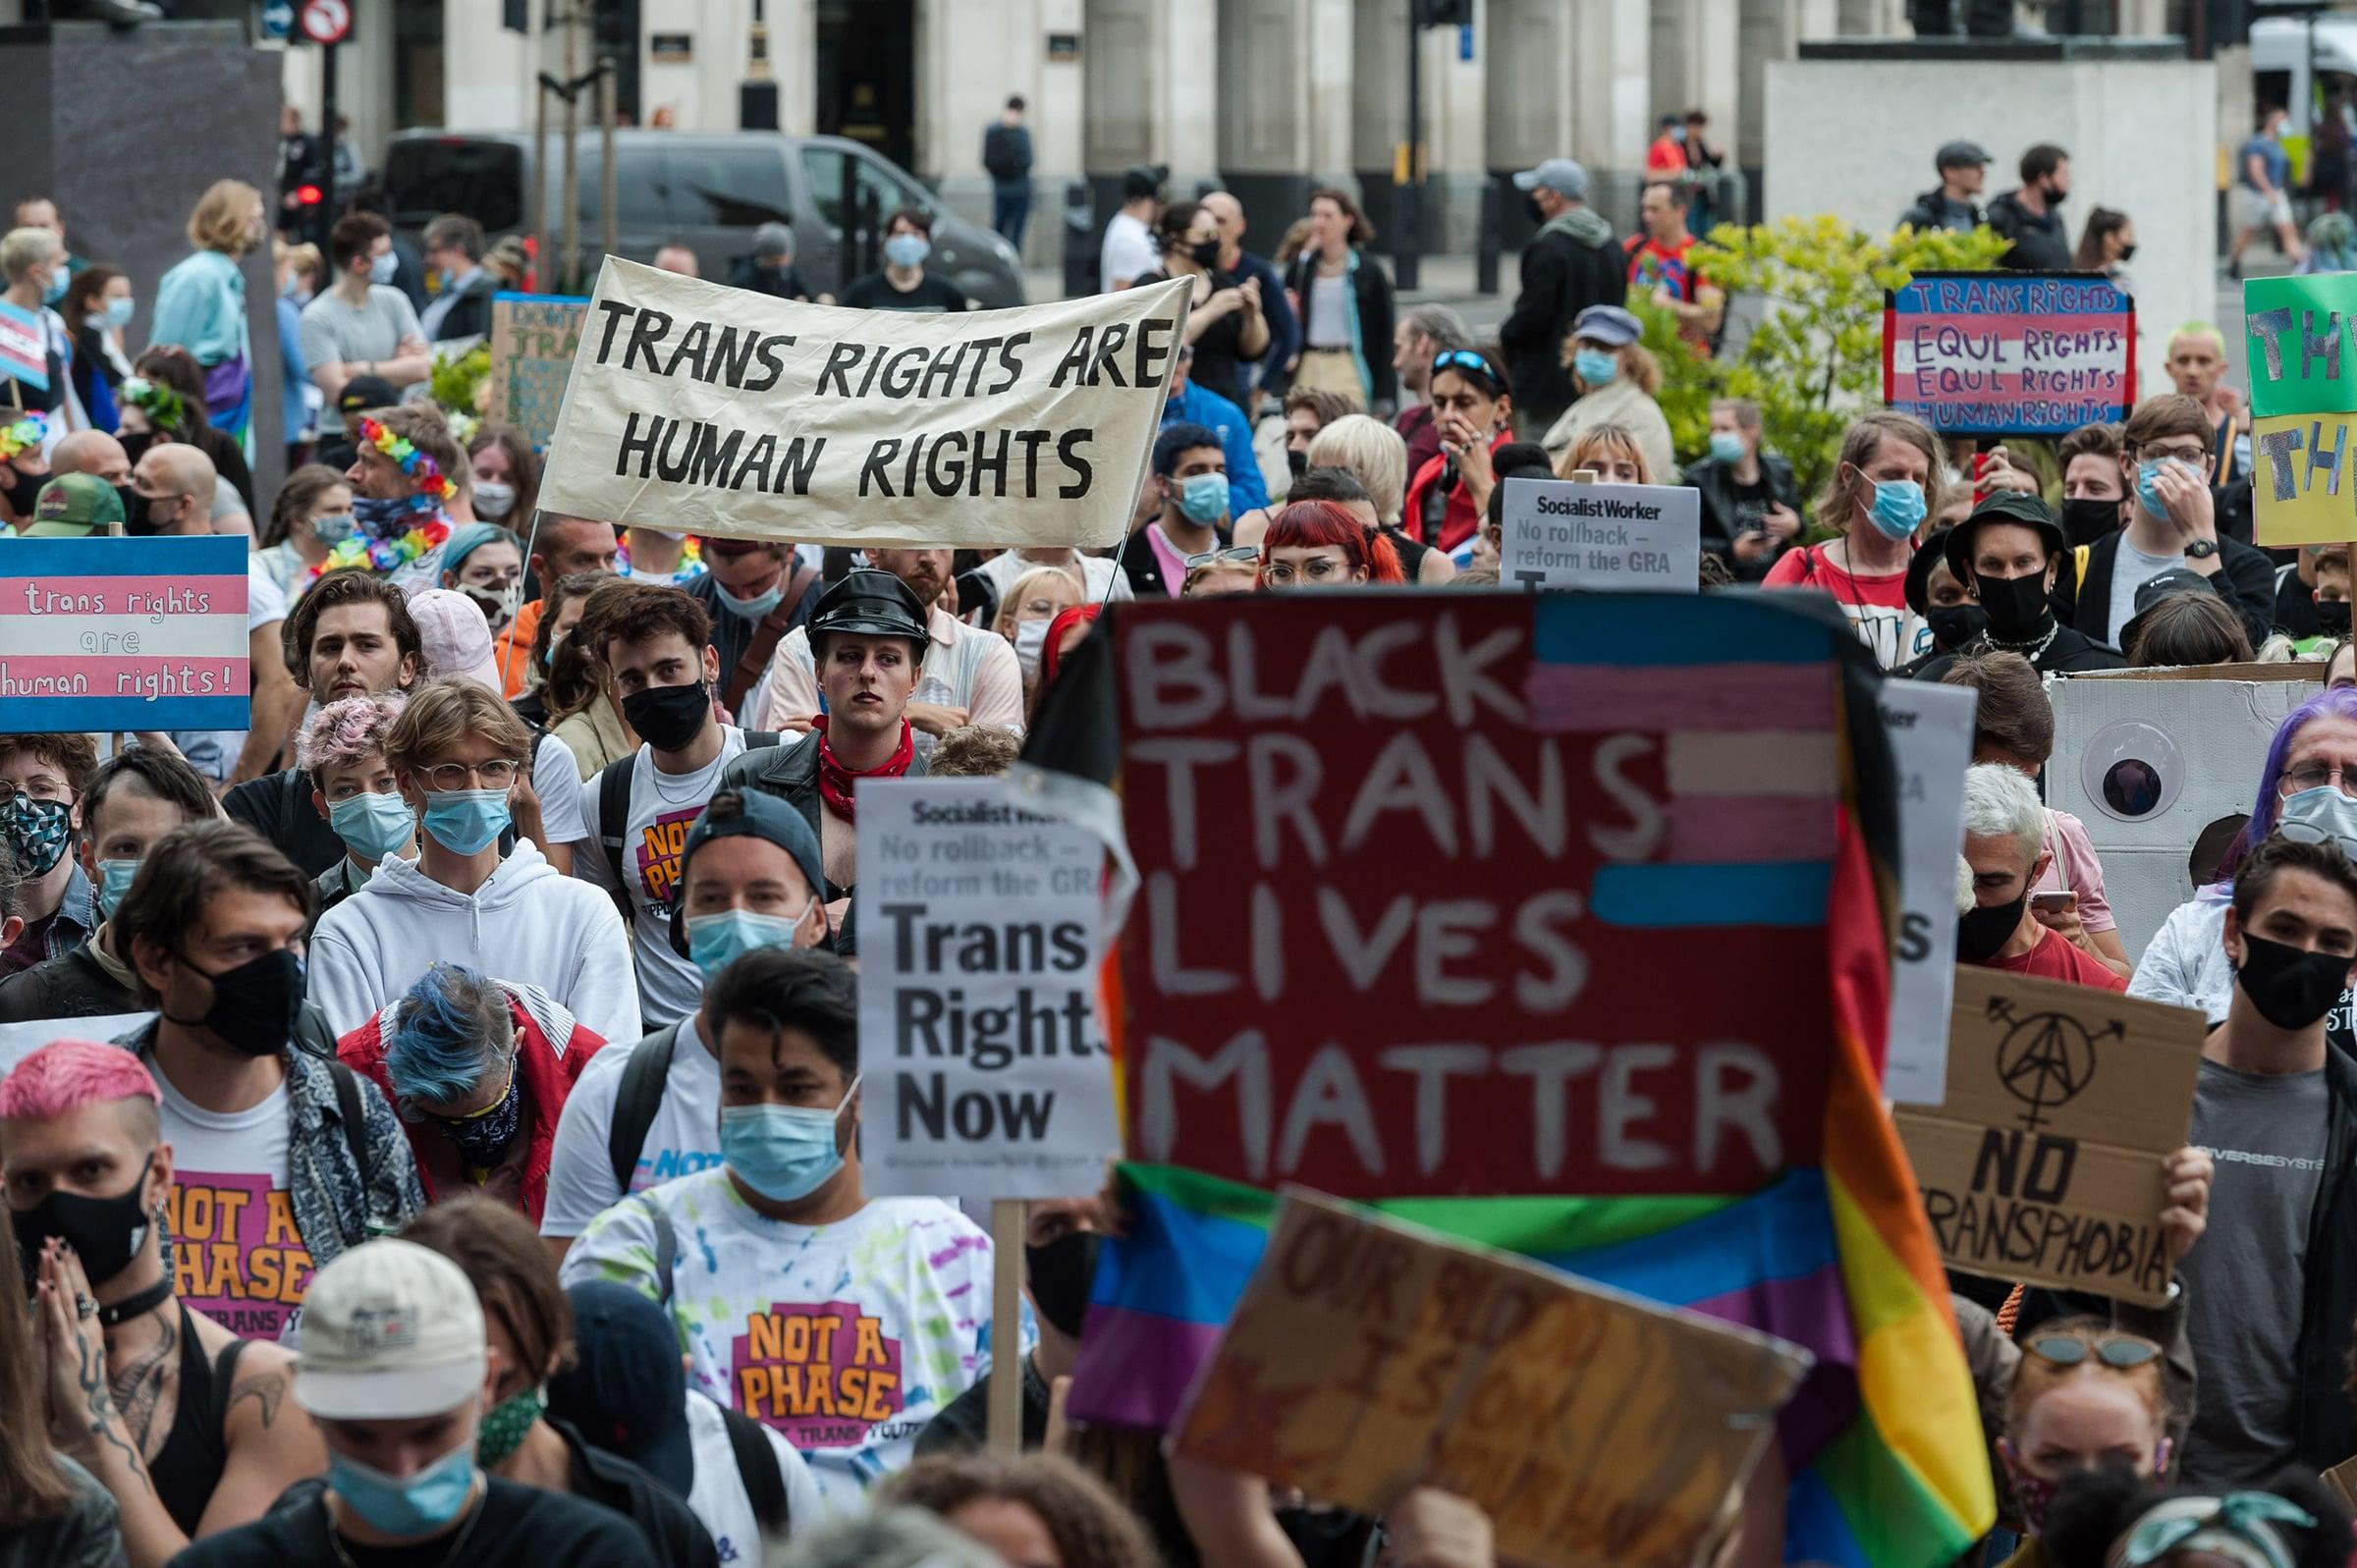 Día Internacional de la Memoria Trans: Sigue la batalla a pesar de los crímenes de odio y el desamparo ante la ley